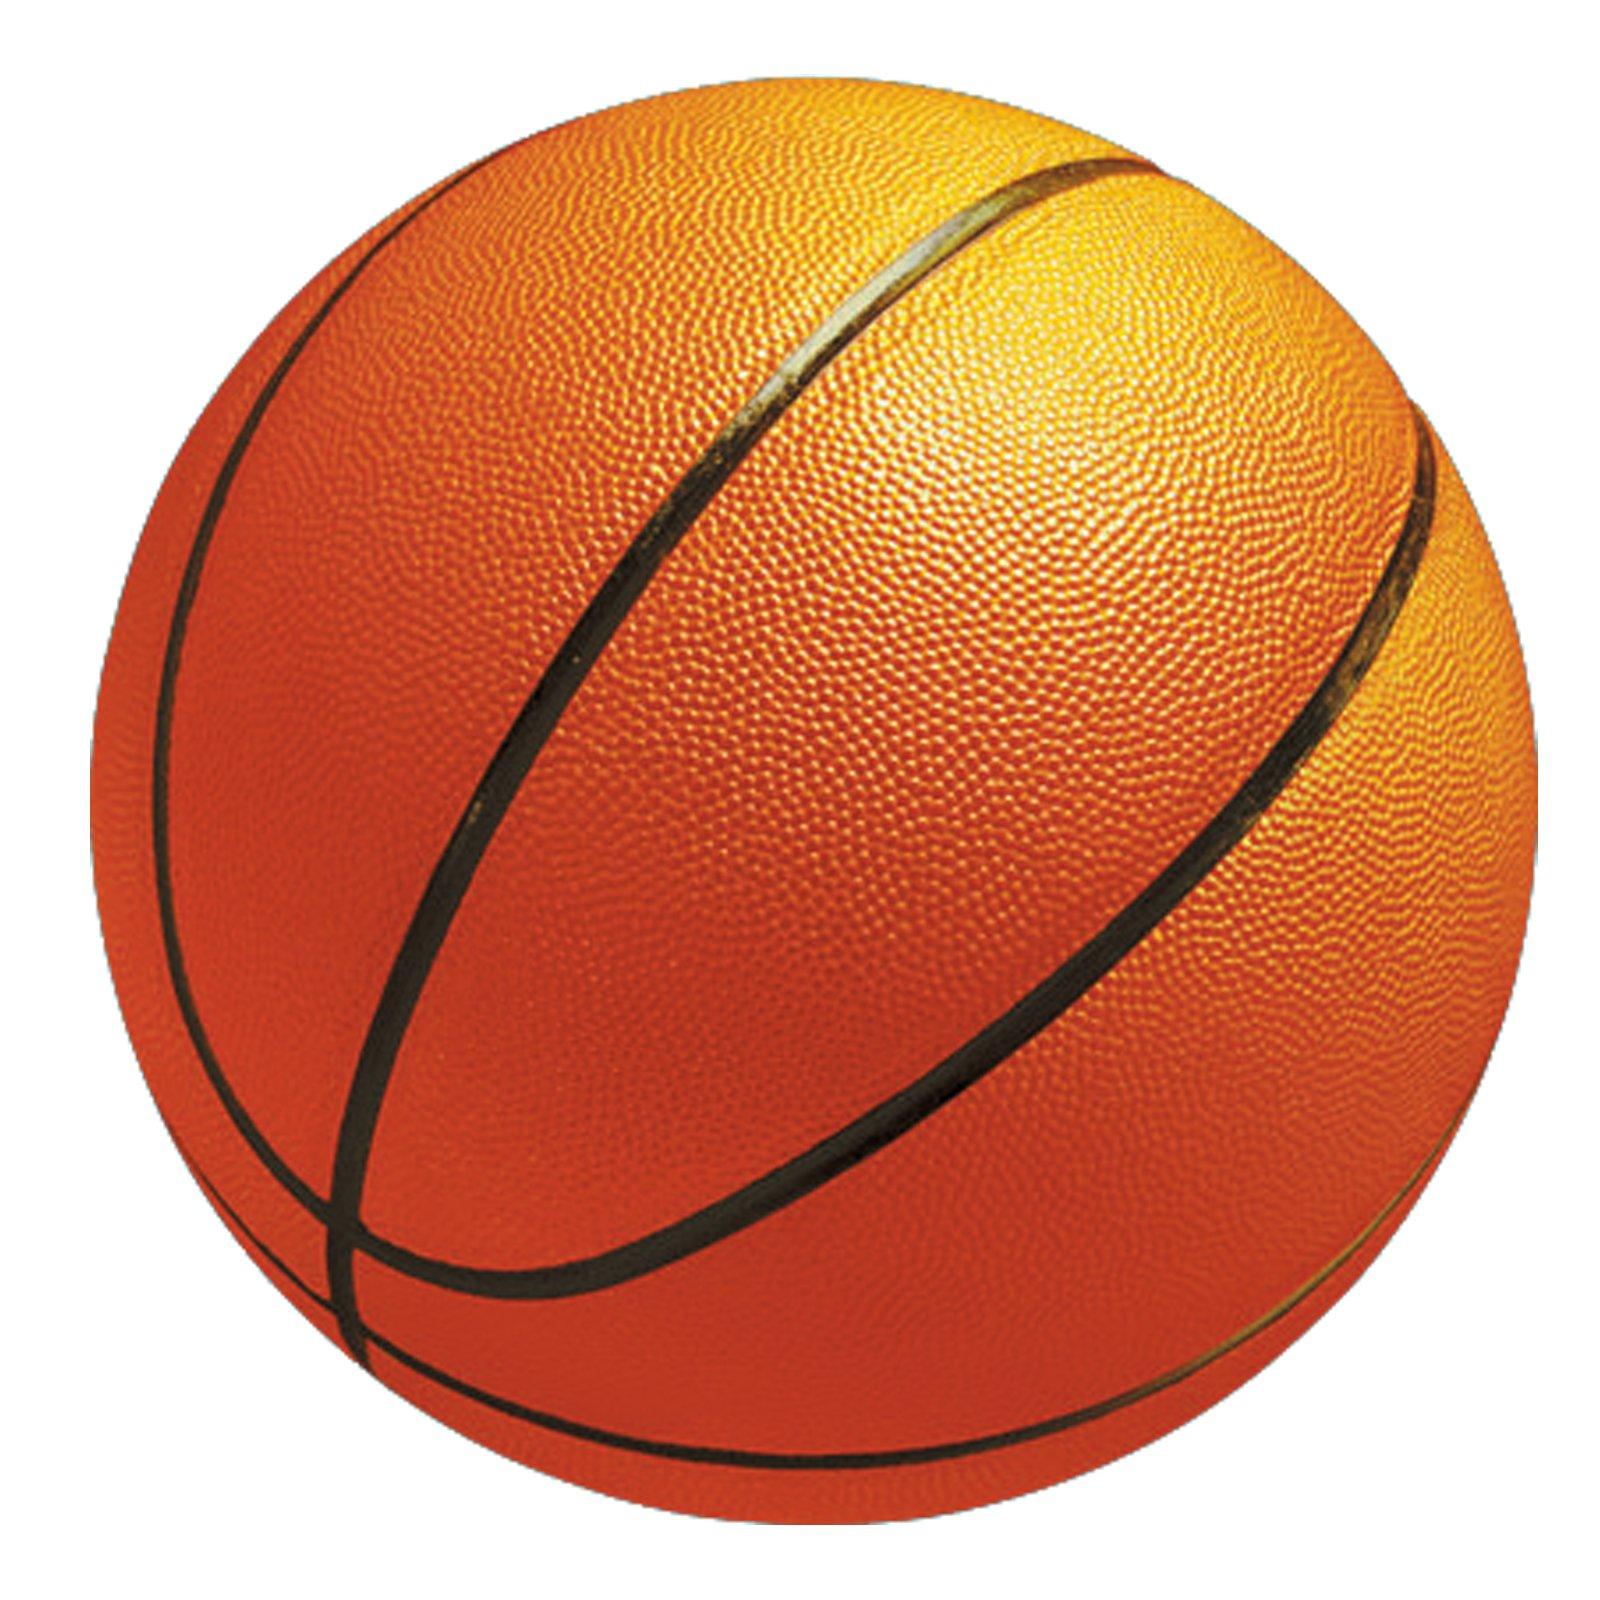 Ten Benefits of Basket...